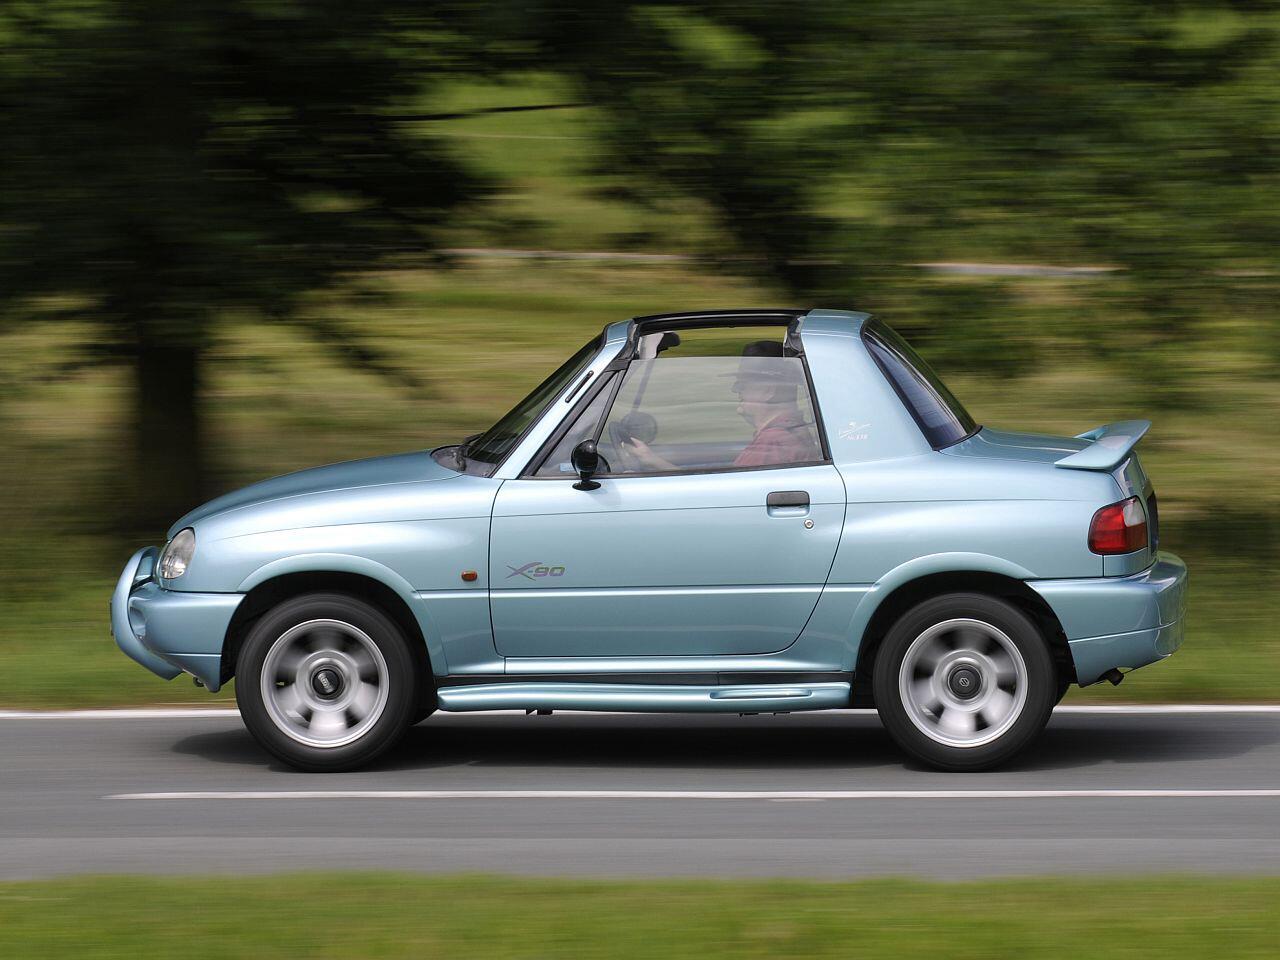 Bild zu Suzuki Vitara X-90